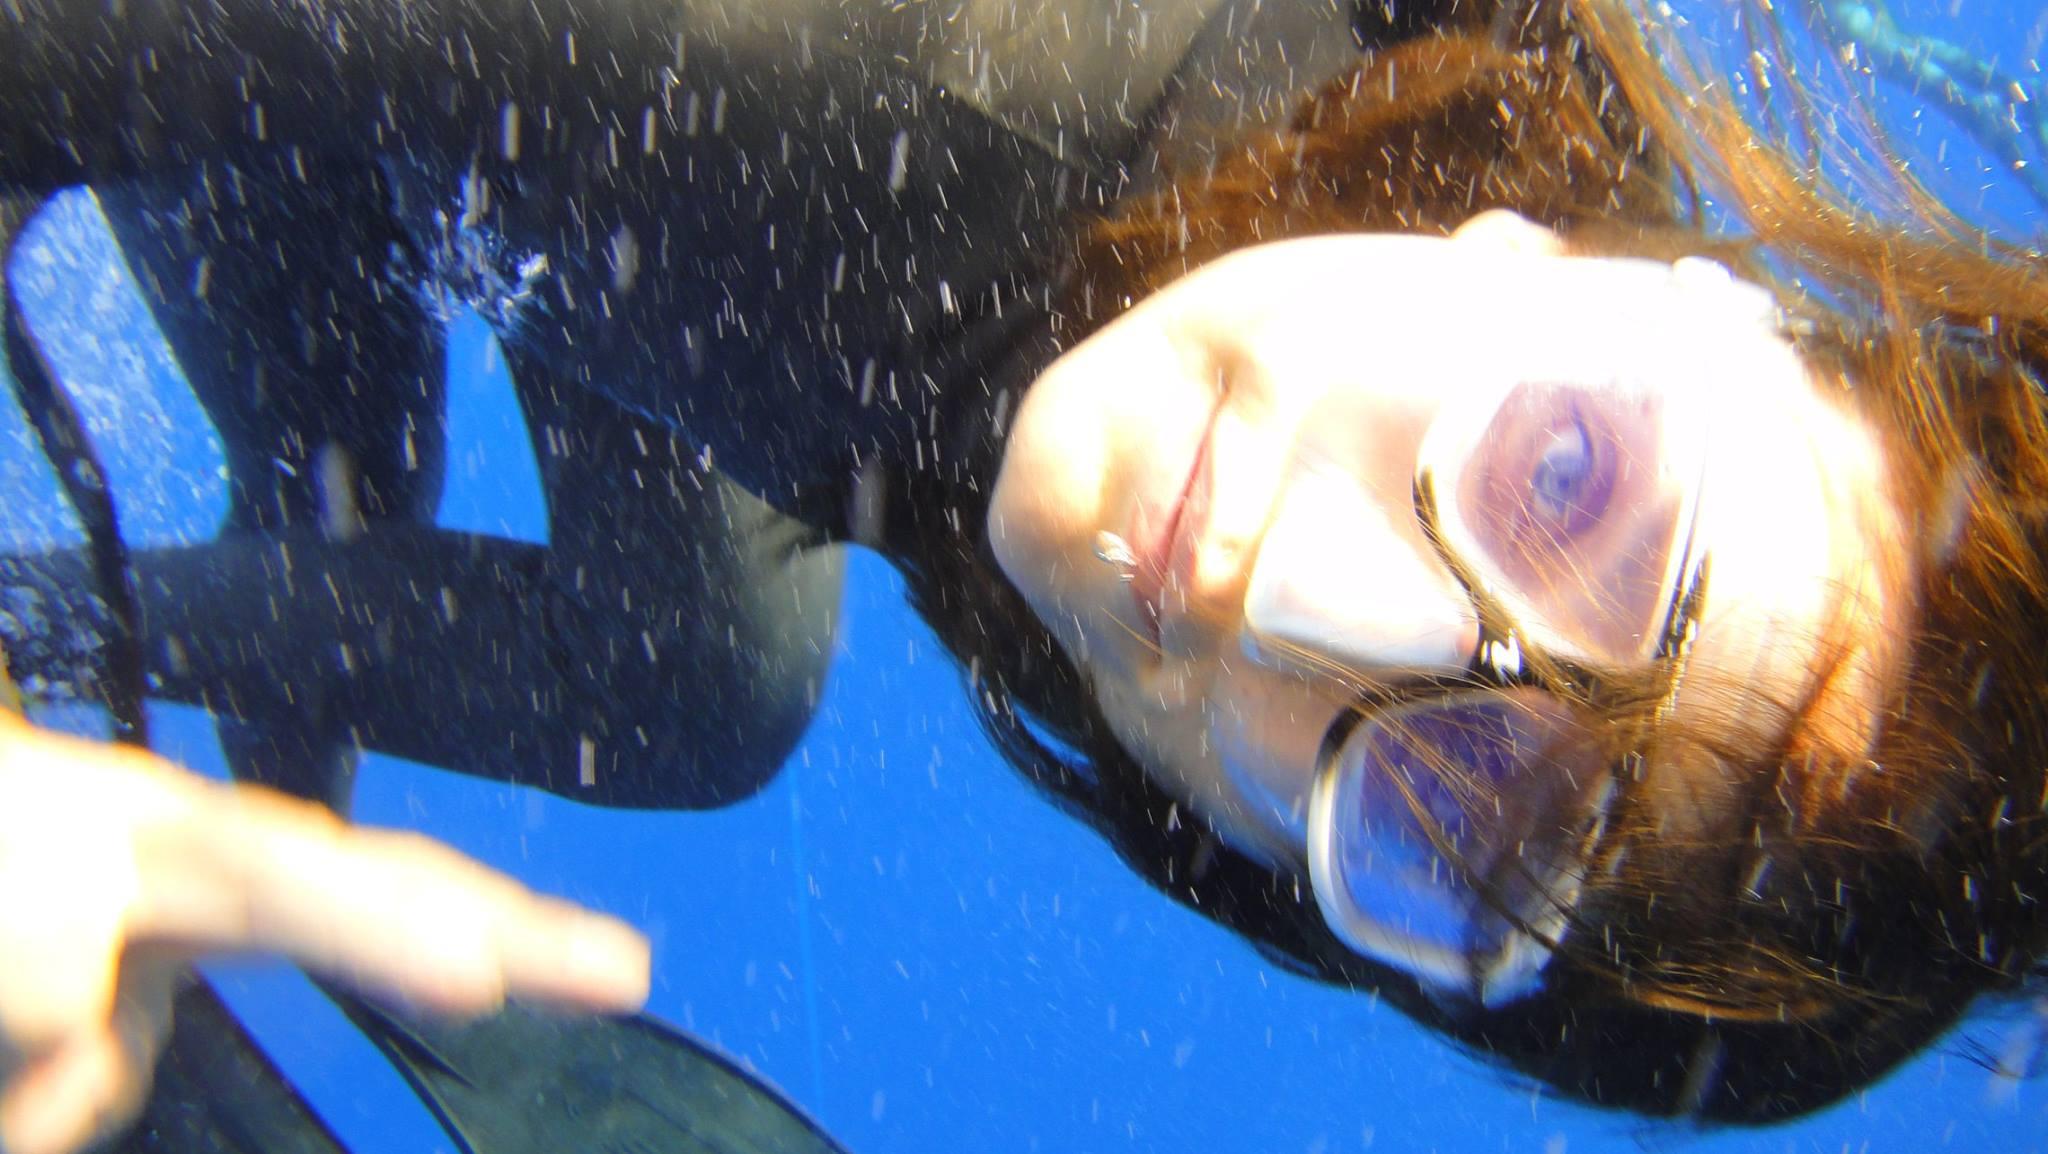 In den letzten zehn Tagen habe ich eine großartige Erfahrung mit Freediving gemacht. Freediving, auch Apnoe genannt, bedeutet unter Wasser mit angehaltener Luft tauchen. Während der Teilnahme an einem Yoga- und Freediving- Kurs in Ägypten wurde mir bewusst, dass ich Angst davor hatte, tiefer als zehn Meter unter das Wasser zu gehen. Trotzdem versuchte ich […]